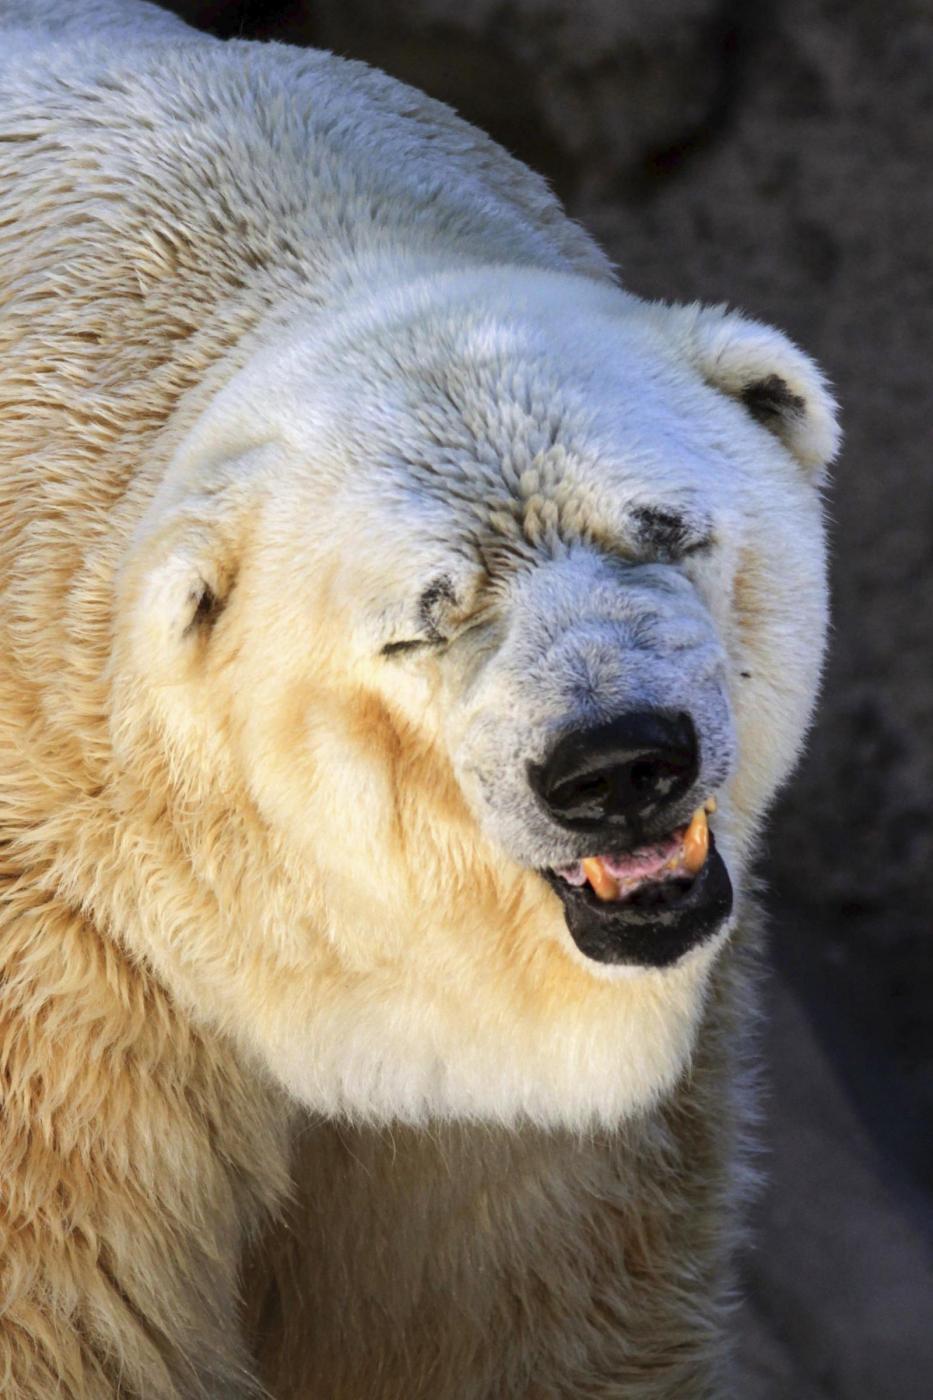 Animali maltrattati l orso arturo condannato a morte il fatto